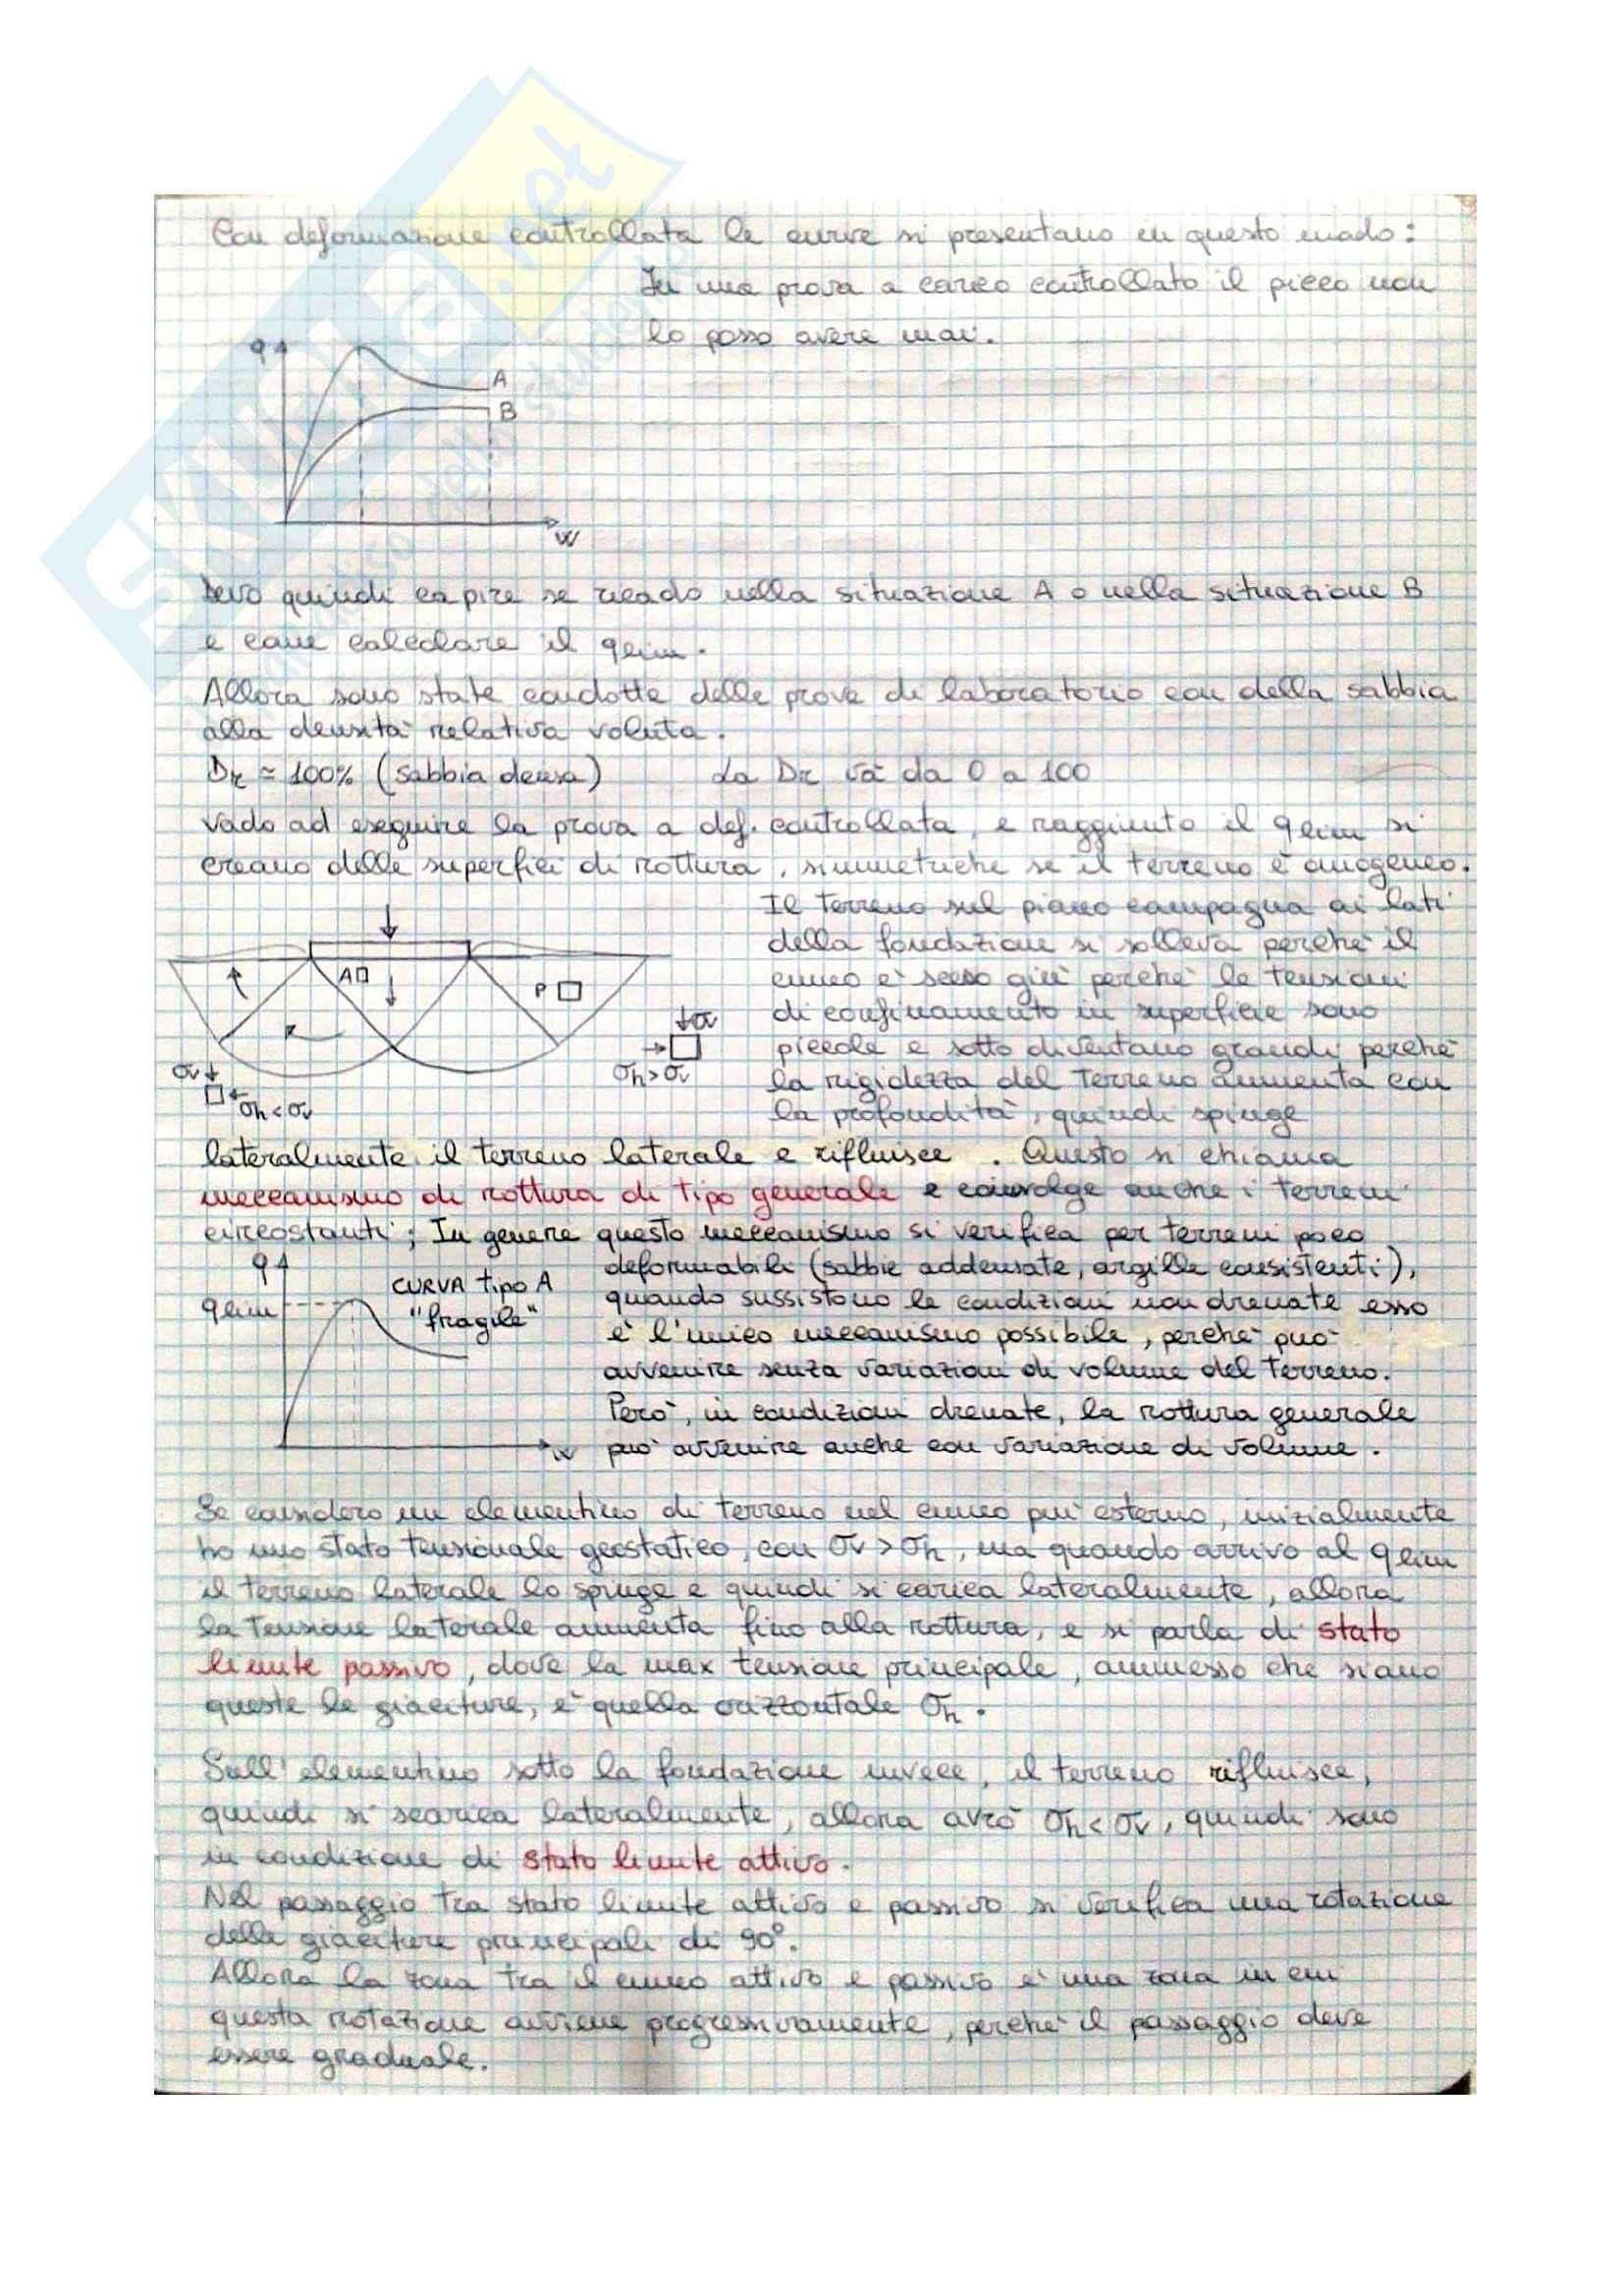 Appunti Fondazioni Pag. 31